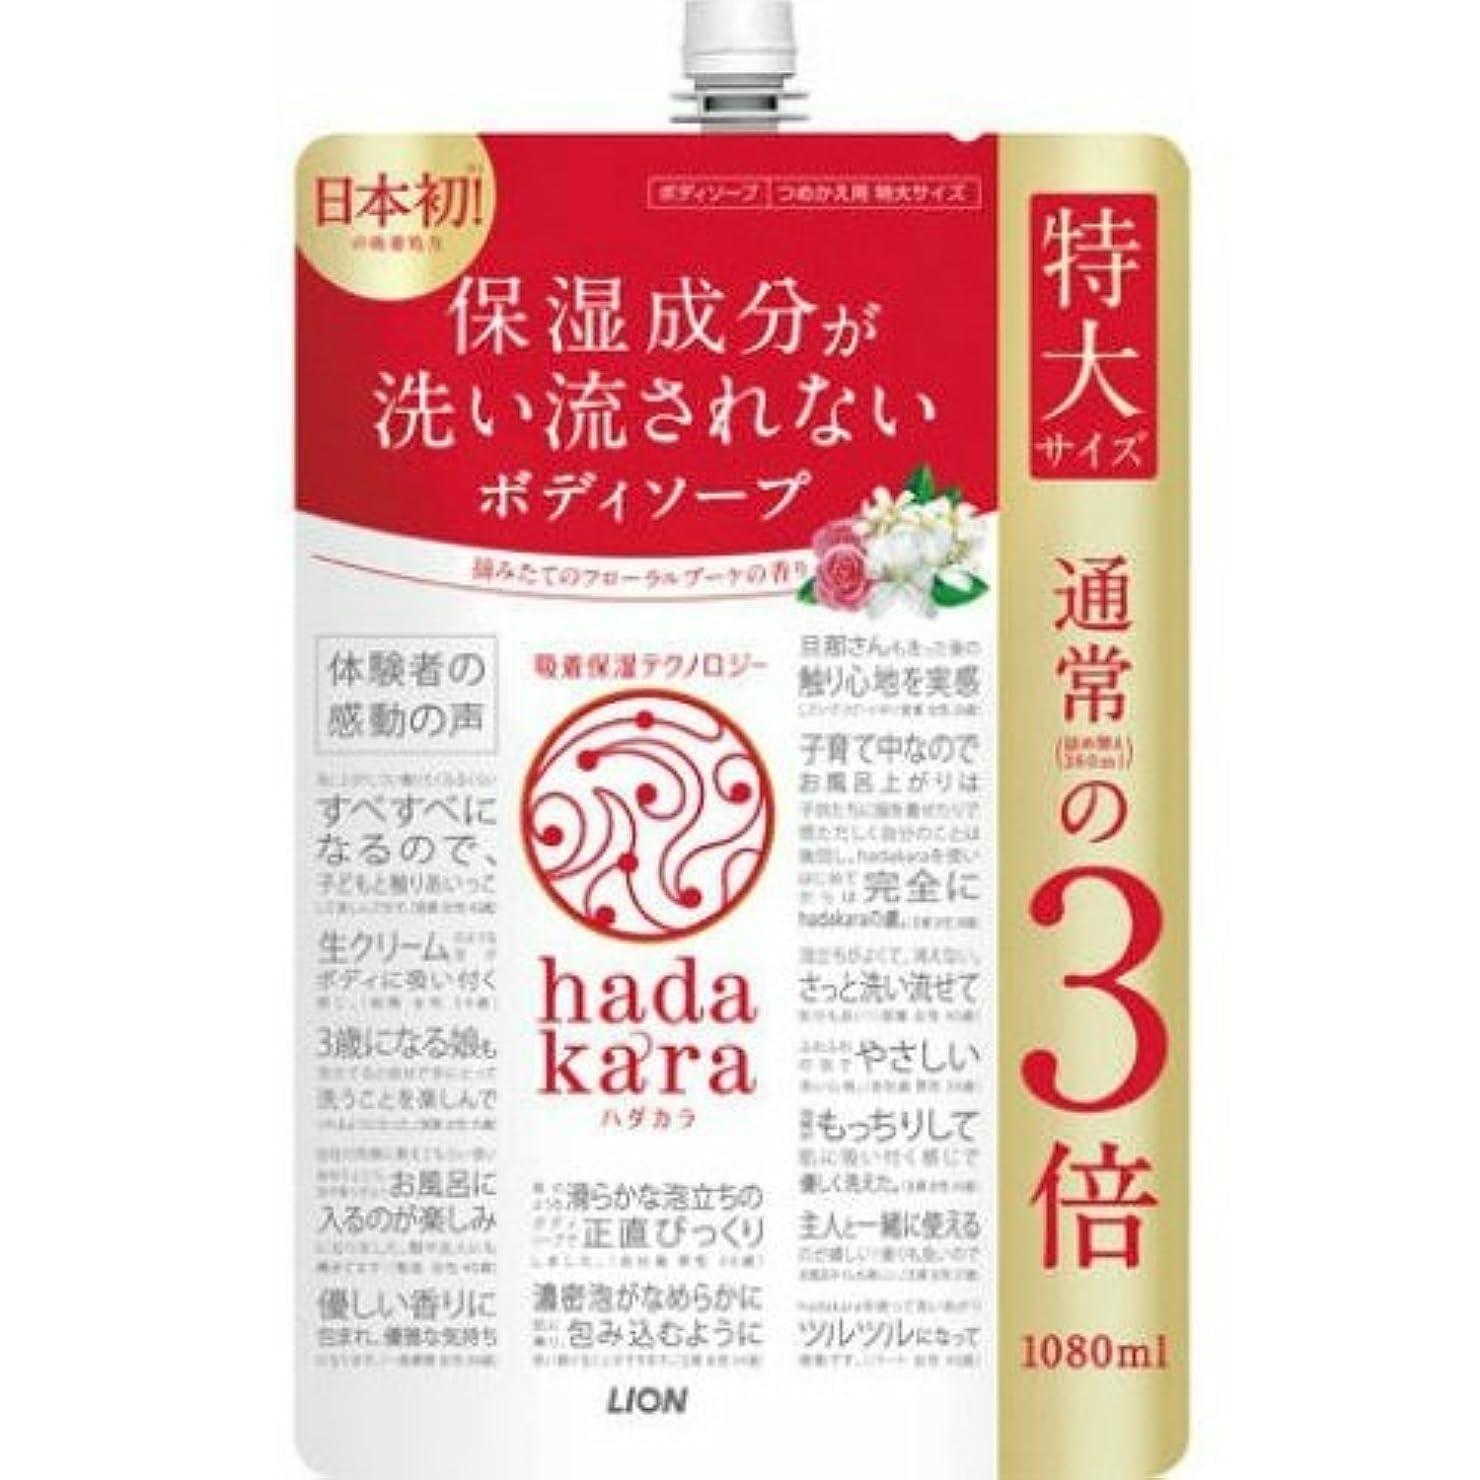 早いマントル通りLION ライオン hadakara ハダカラ ボディソープ フローラルブーケの香り つめかえ用 特大サイズ 1080ml ×006点セット(4903301260875)